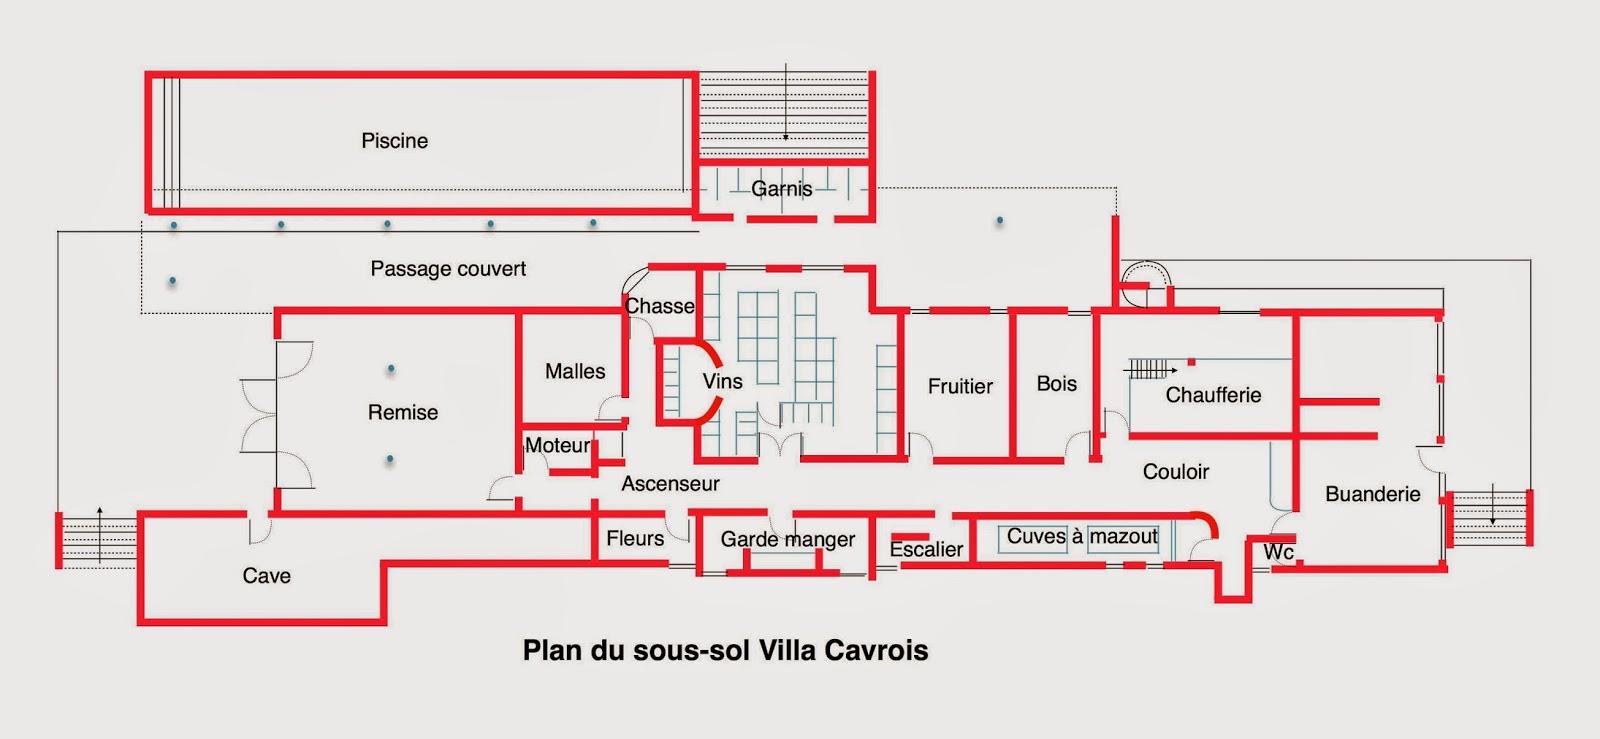 le blog des amis de la villa cavrois d couverte. Black Bedroom Furniture Sets. Home Design Ideas